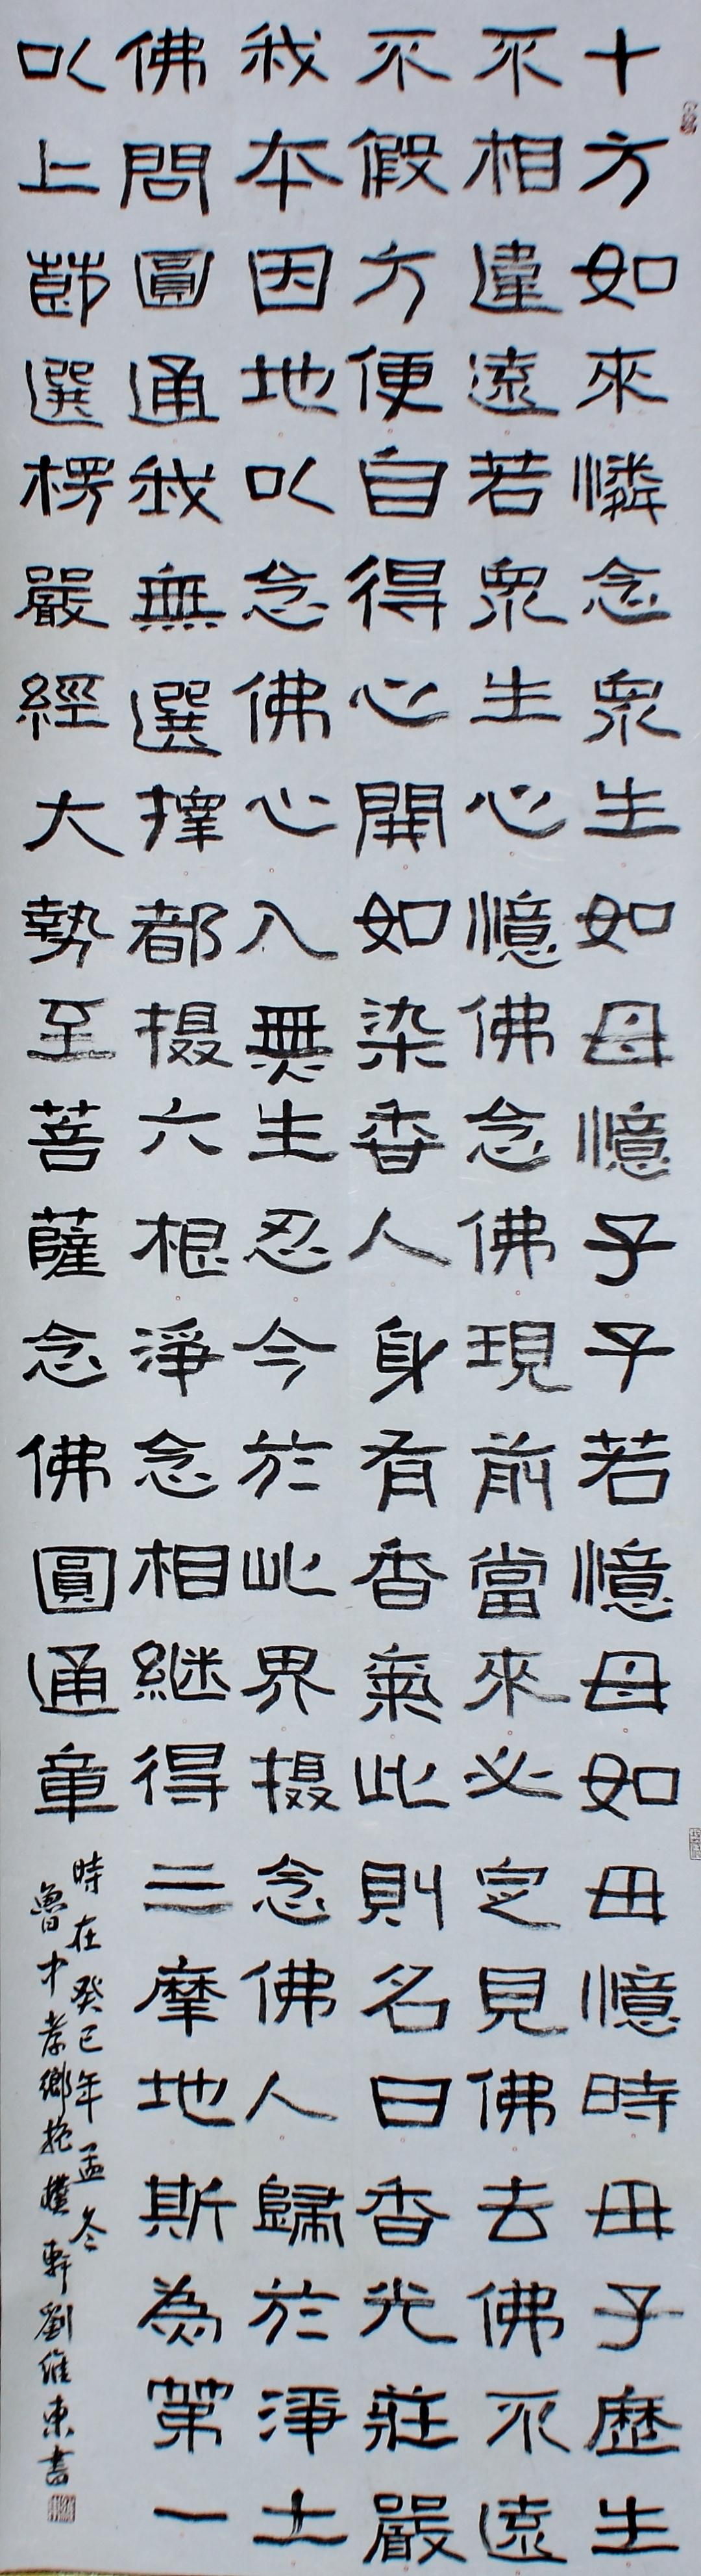 真迹名家刘维东作品欣赏:平和畅达,一字见心